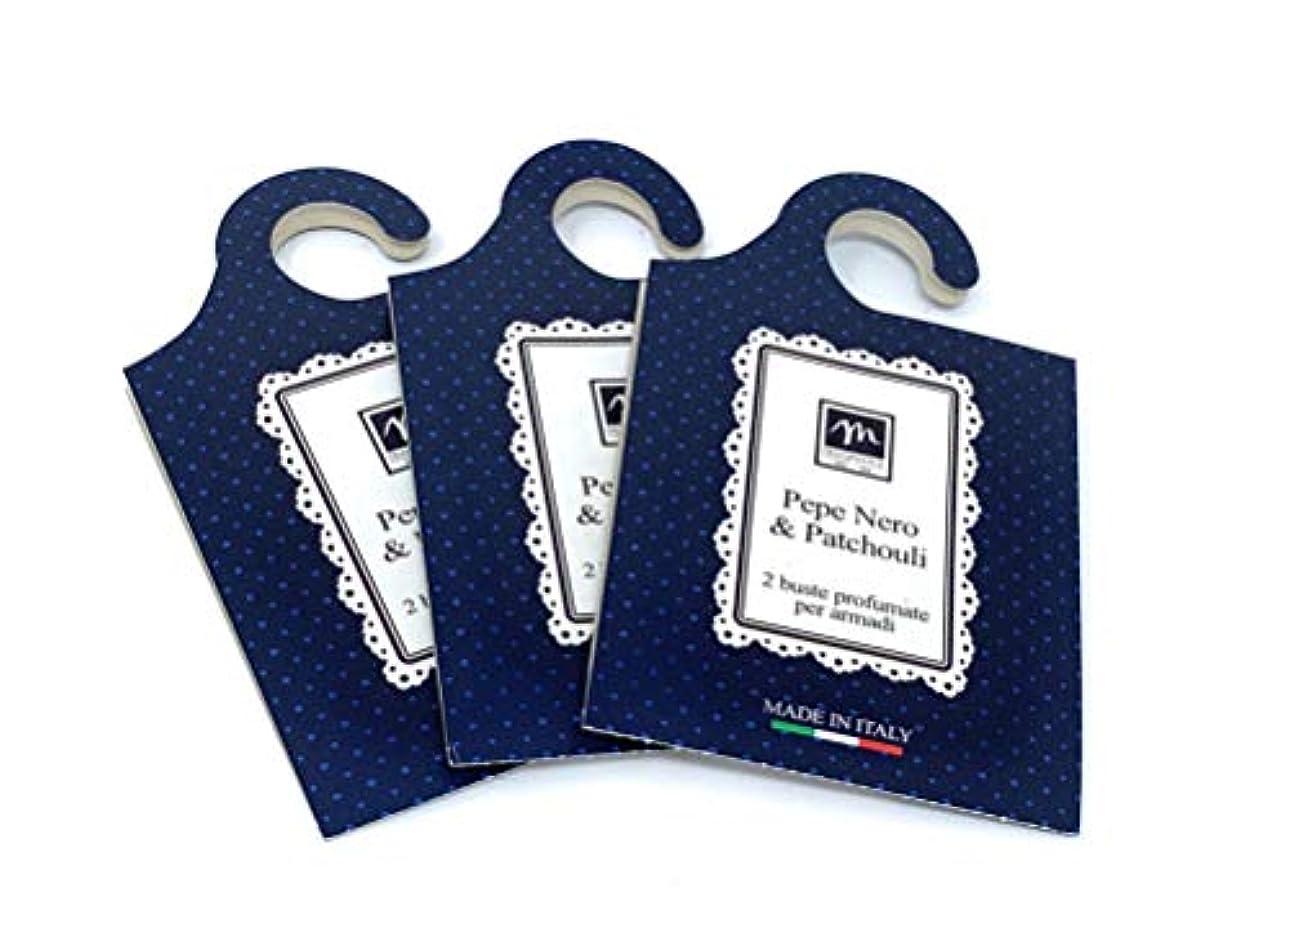 流体俳句ささいなMERCURY ITALY 吊り下げるサシェ(香り袋) MAISON イタリア製 ペパー&パチョリの香り/Pepe Nero & Patchouli 2枚入り×3パック [並行輸入品]